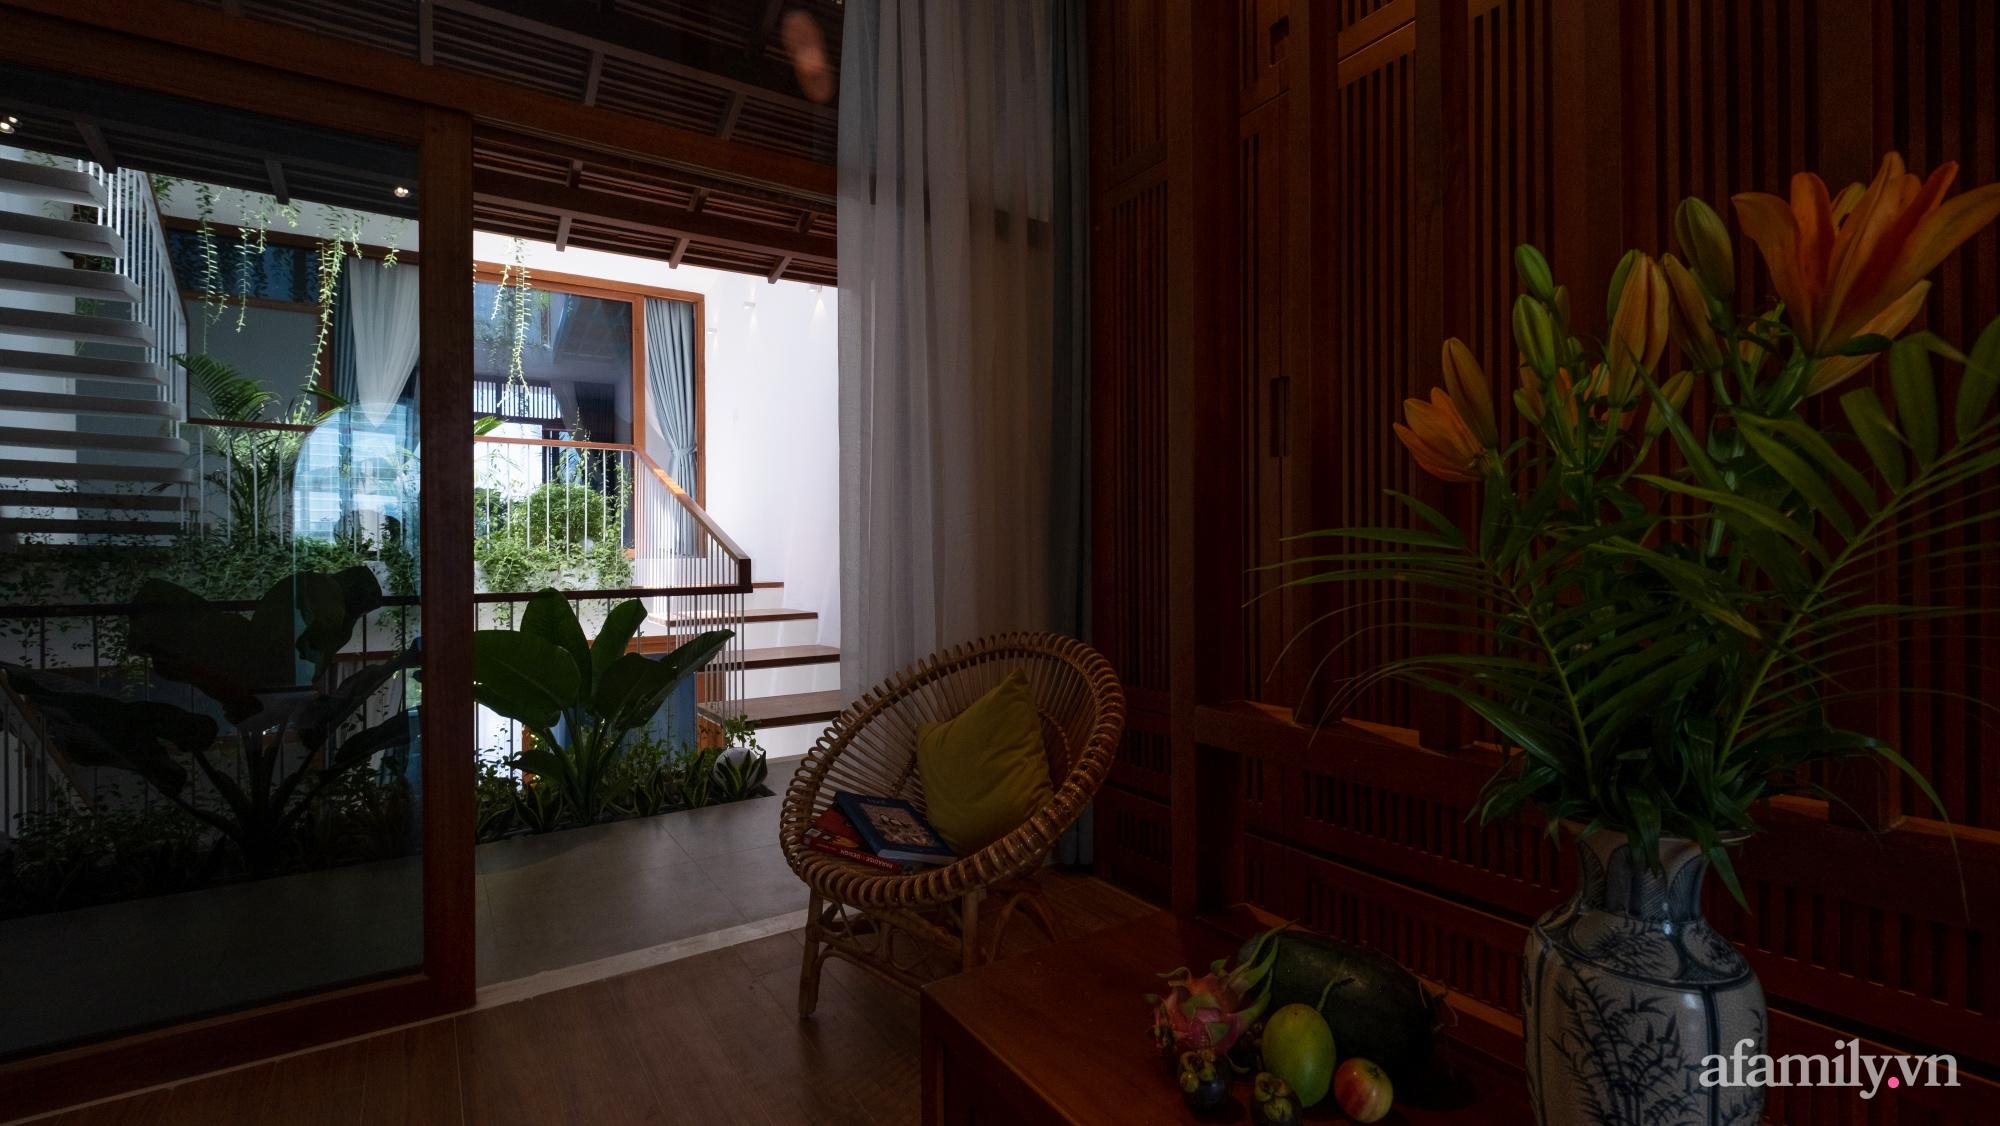 Nhà phố hướng Tây vẫn mát mẻ không cần điều hòa nhờ thiết kế gần gũi với thiên nhiên ở Nha Trang - Ảnh 18.